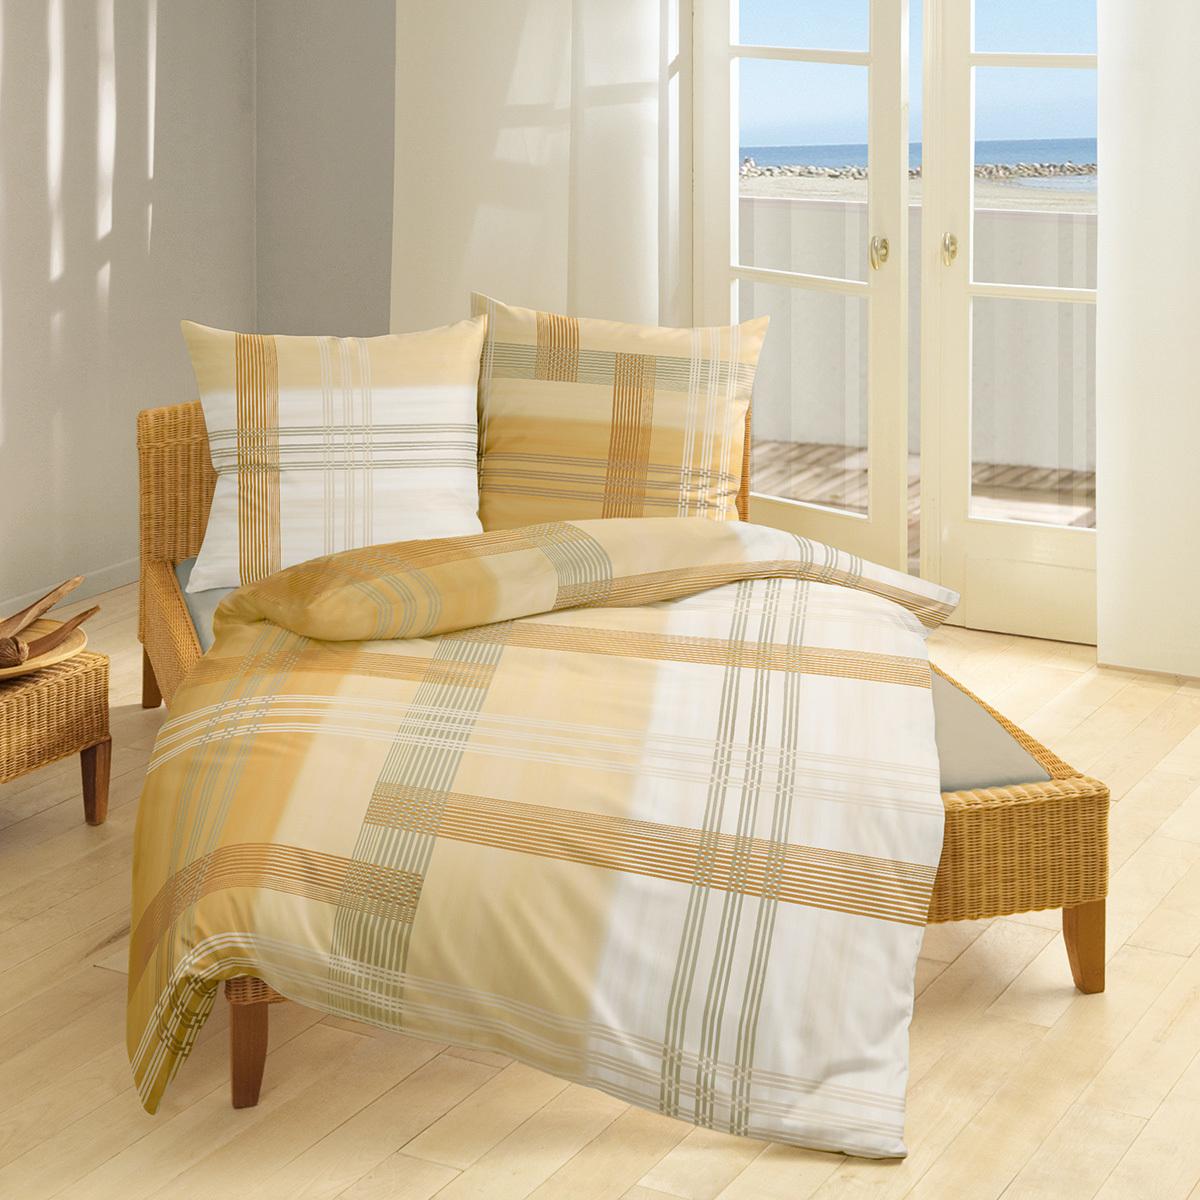 bettw sche gold preisvergleich die besten angebote. Black Bedroom Furniture Sets. Home Design Ideas